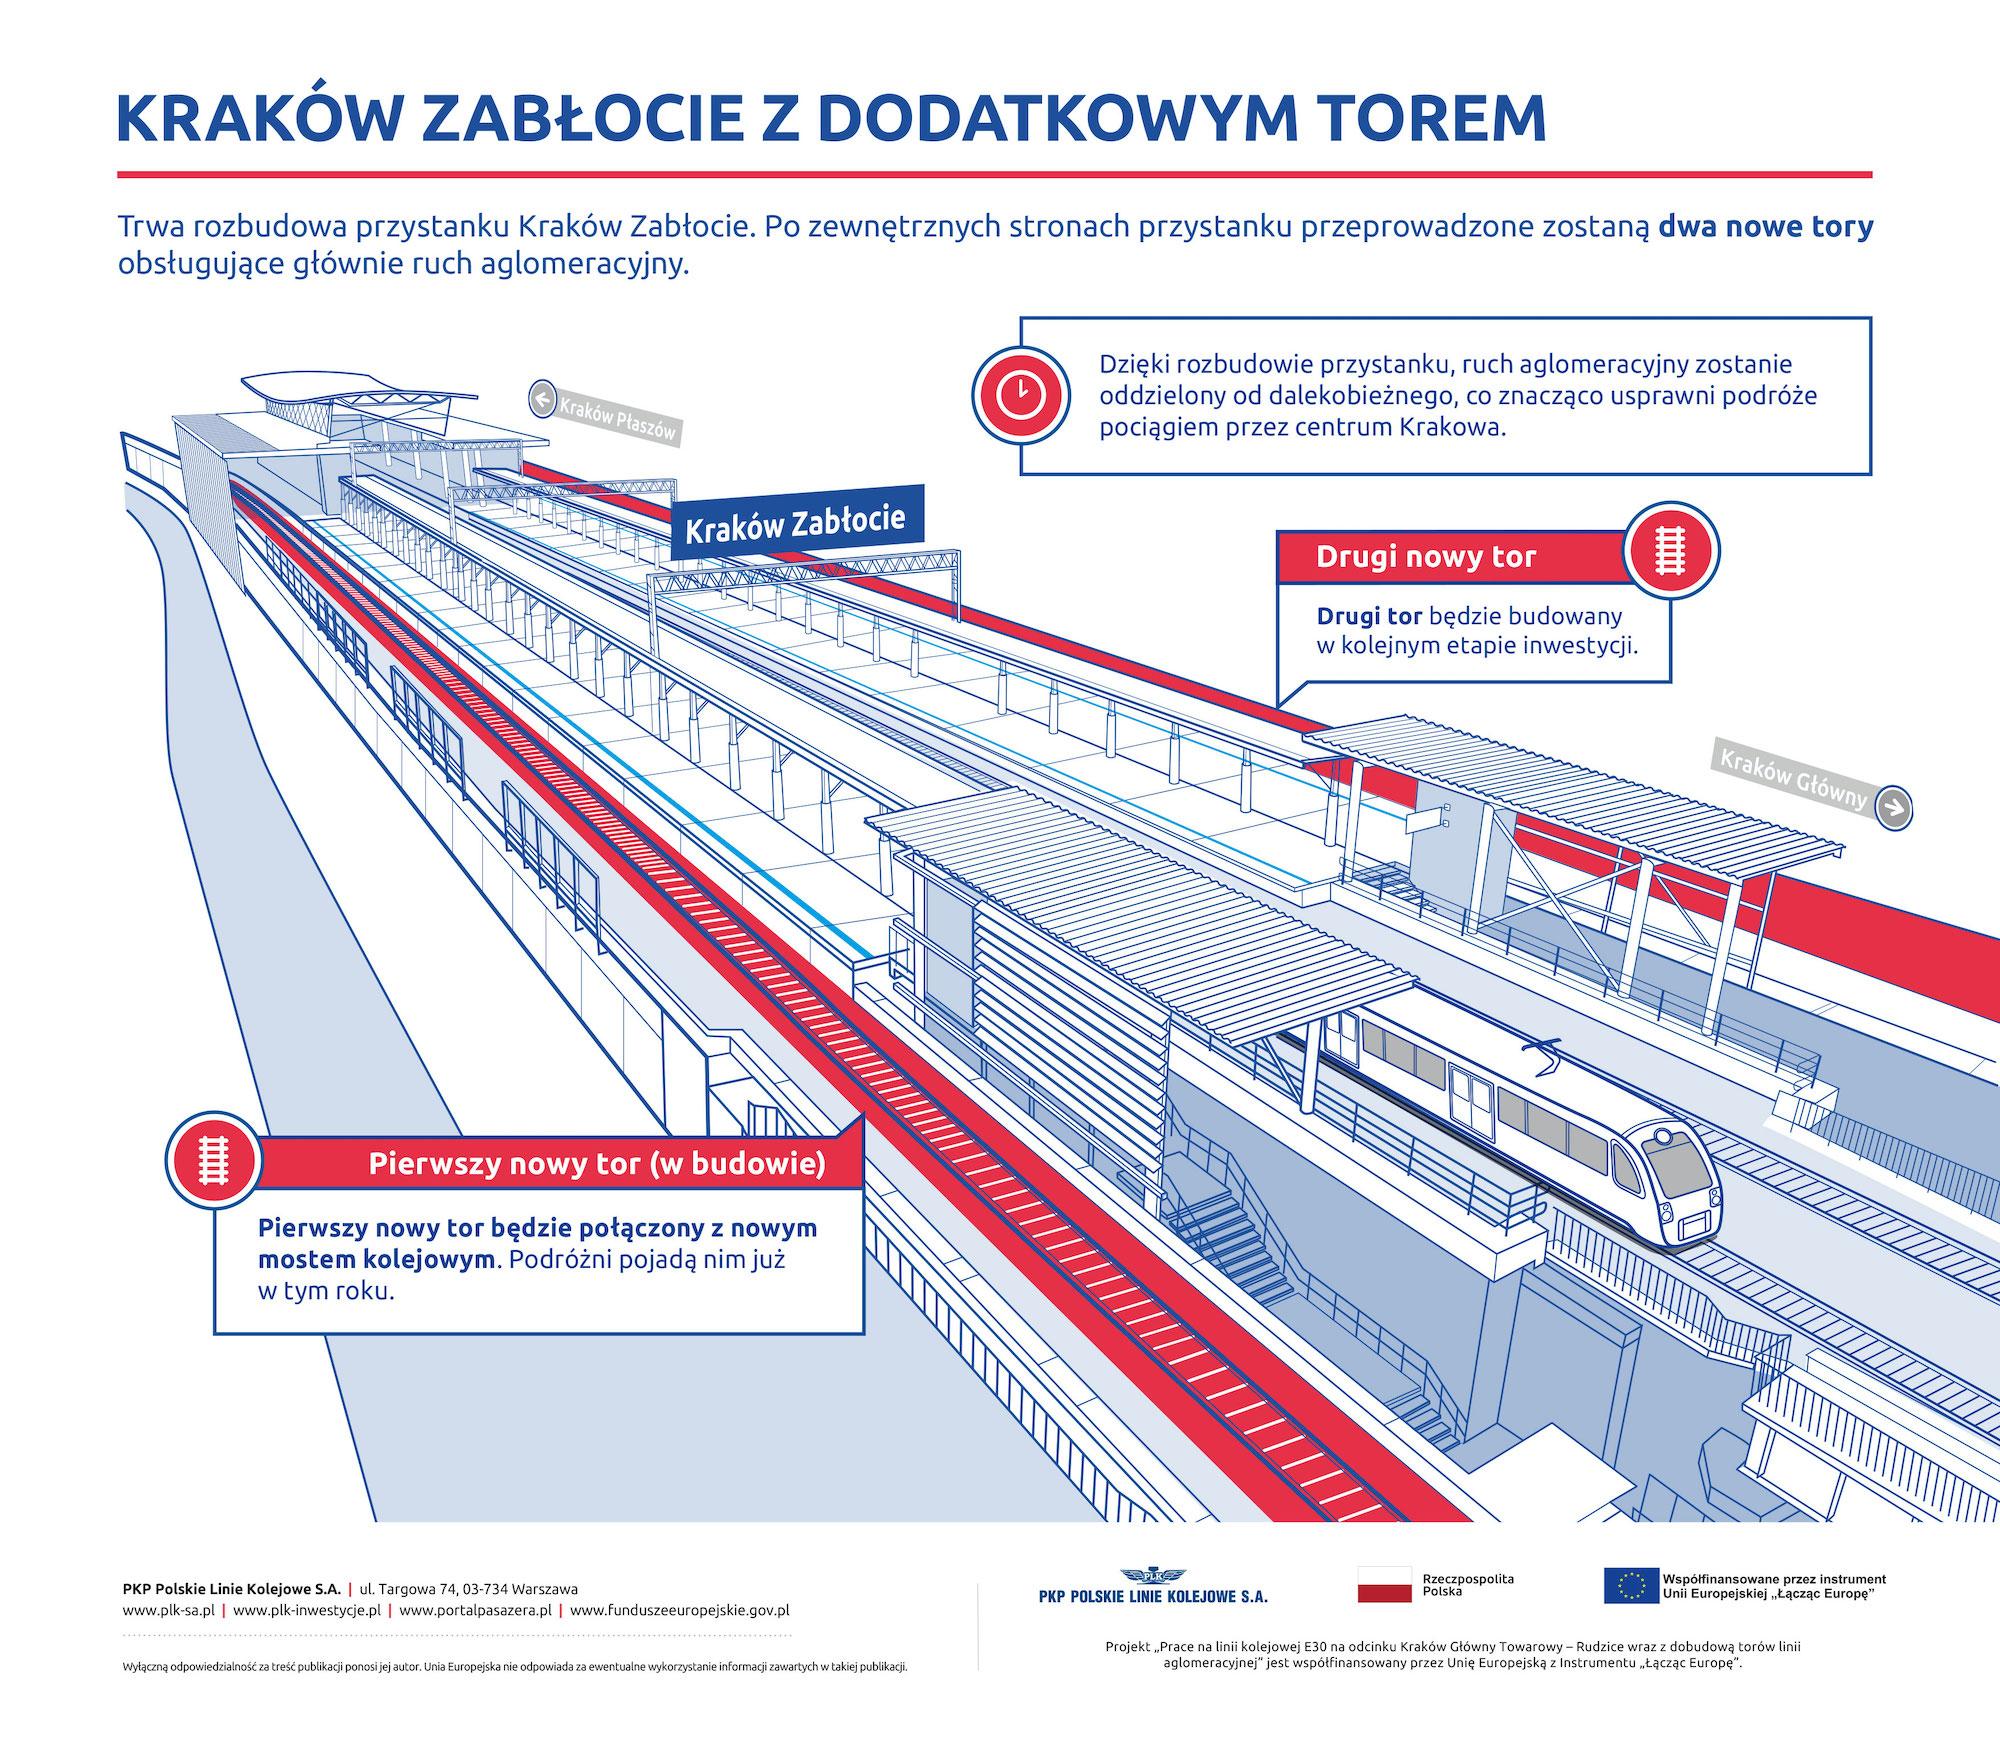 Infografika przedstawiająca rozbudowę przystanku Kraków Zabłocie dla toru z nowego mostu kolejowego na Wiśle w Krakowie